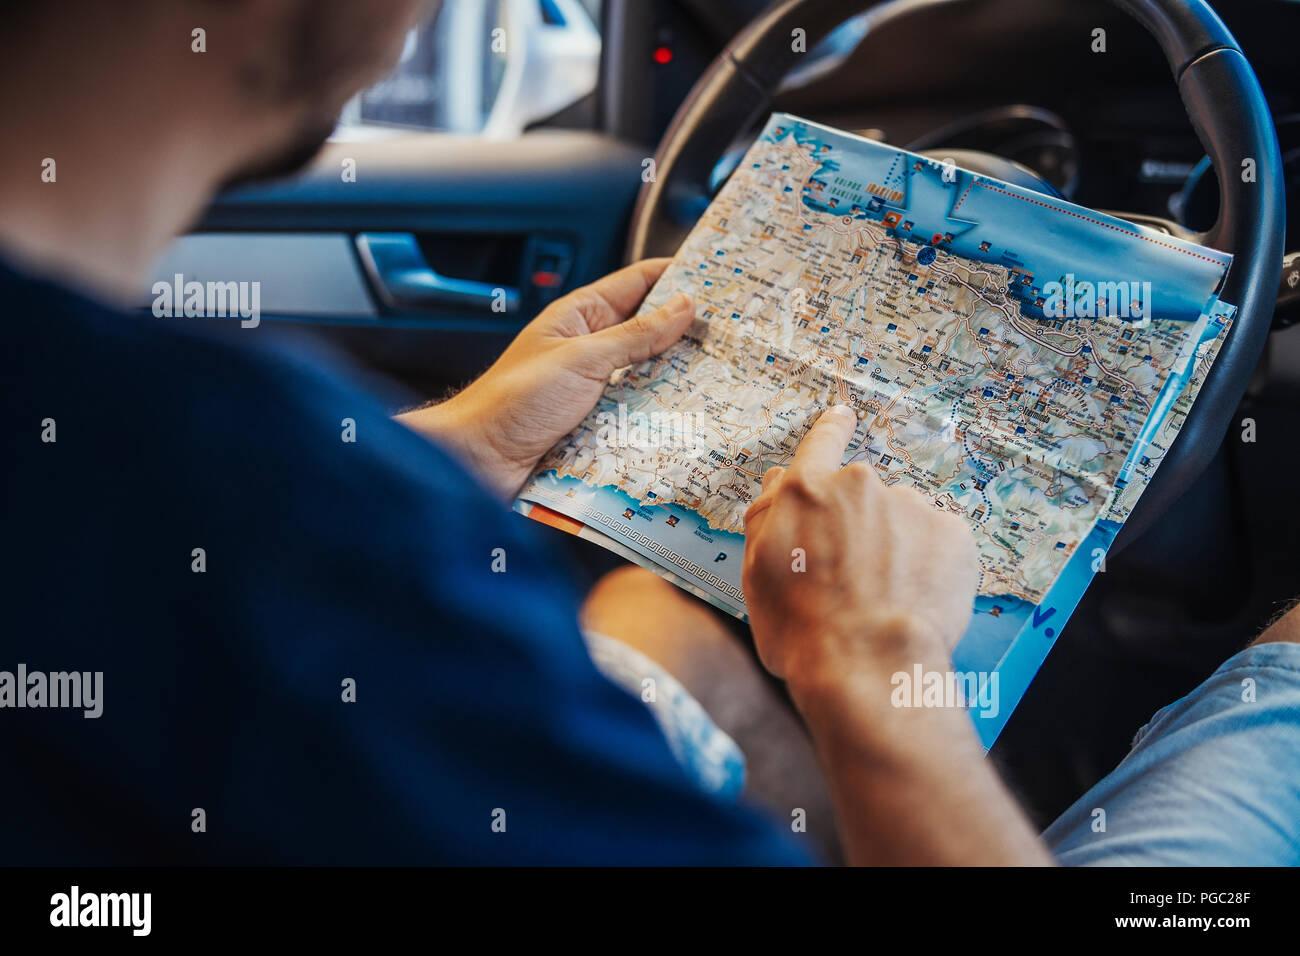 Der junge Mann an der Karte hinter dem Lenkrad im Auto suchen. Der Mensch ist der Mittelpunkt und Vordergrund, Auto ist auf Hintergrund und verschwommen. Ansicht von hinten Stockbild